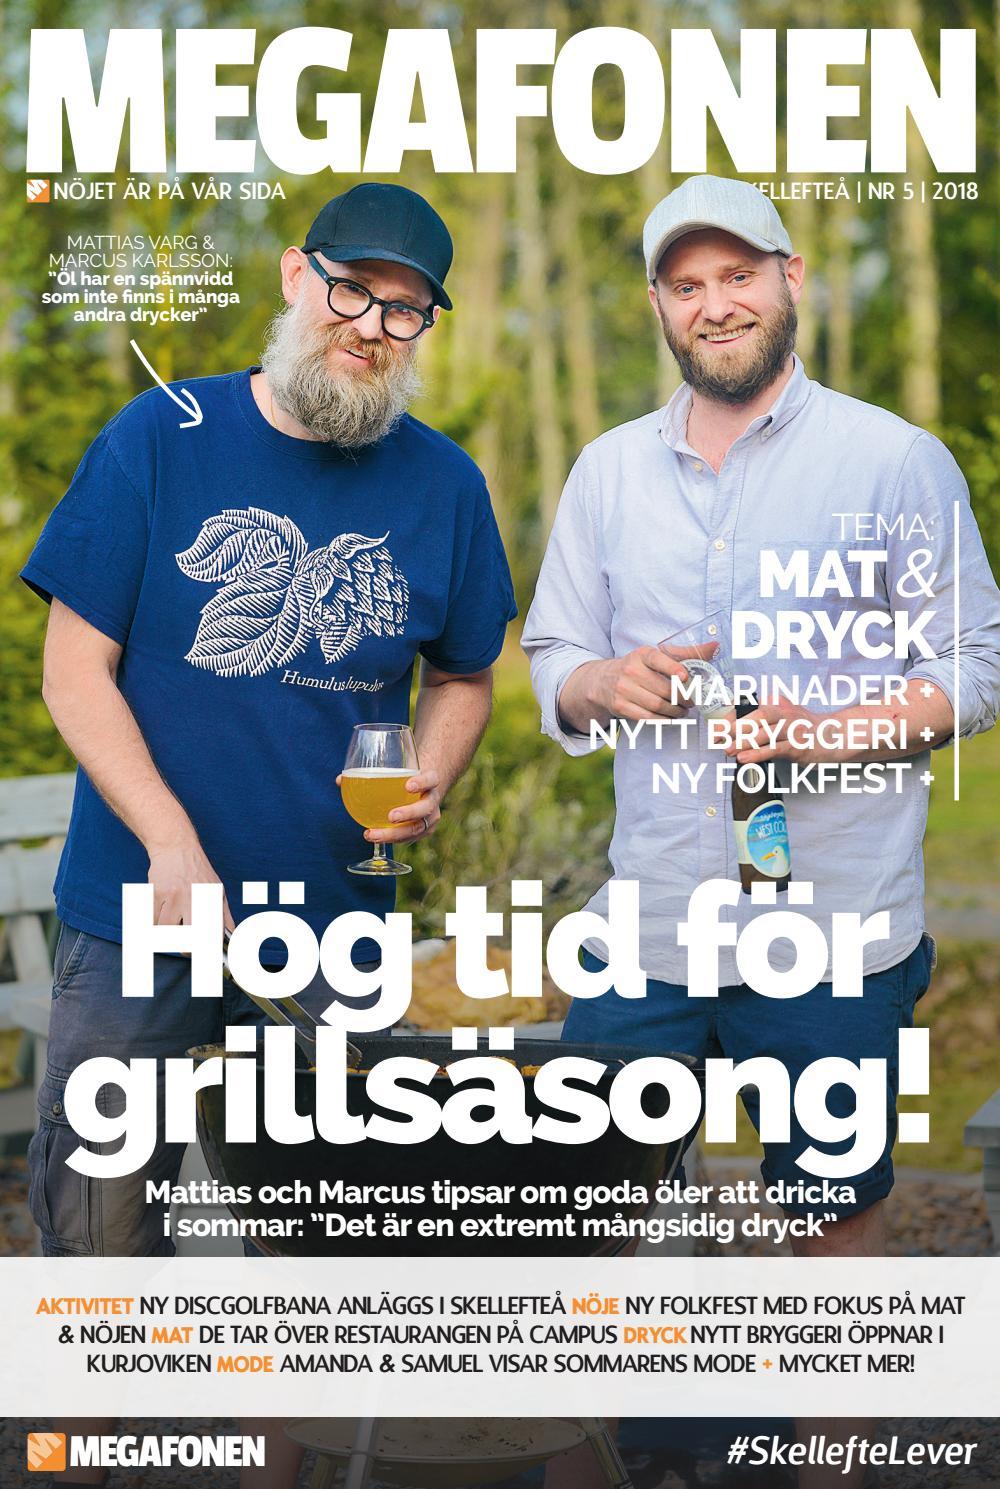 Megafonentidningen nr 5 2018 by Megafonen Skellefteå - issuu 3994f4e521d23